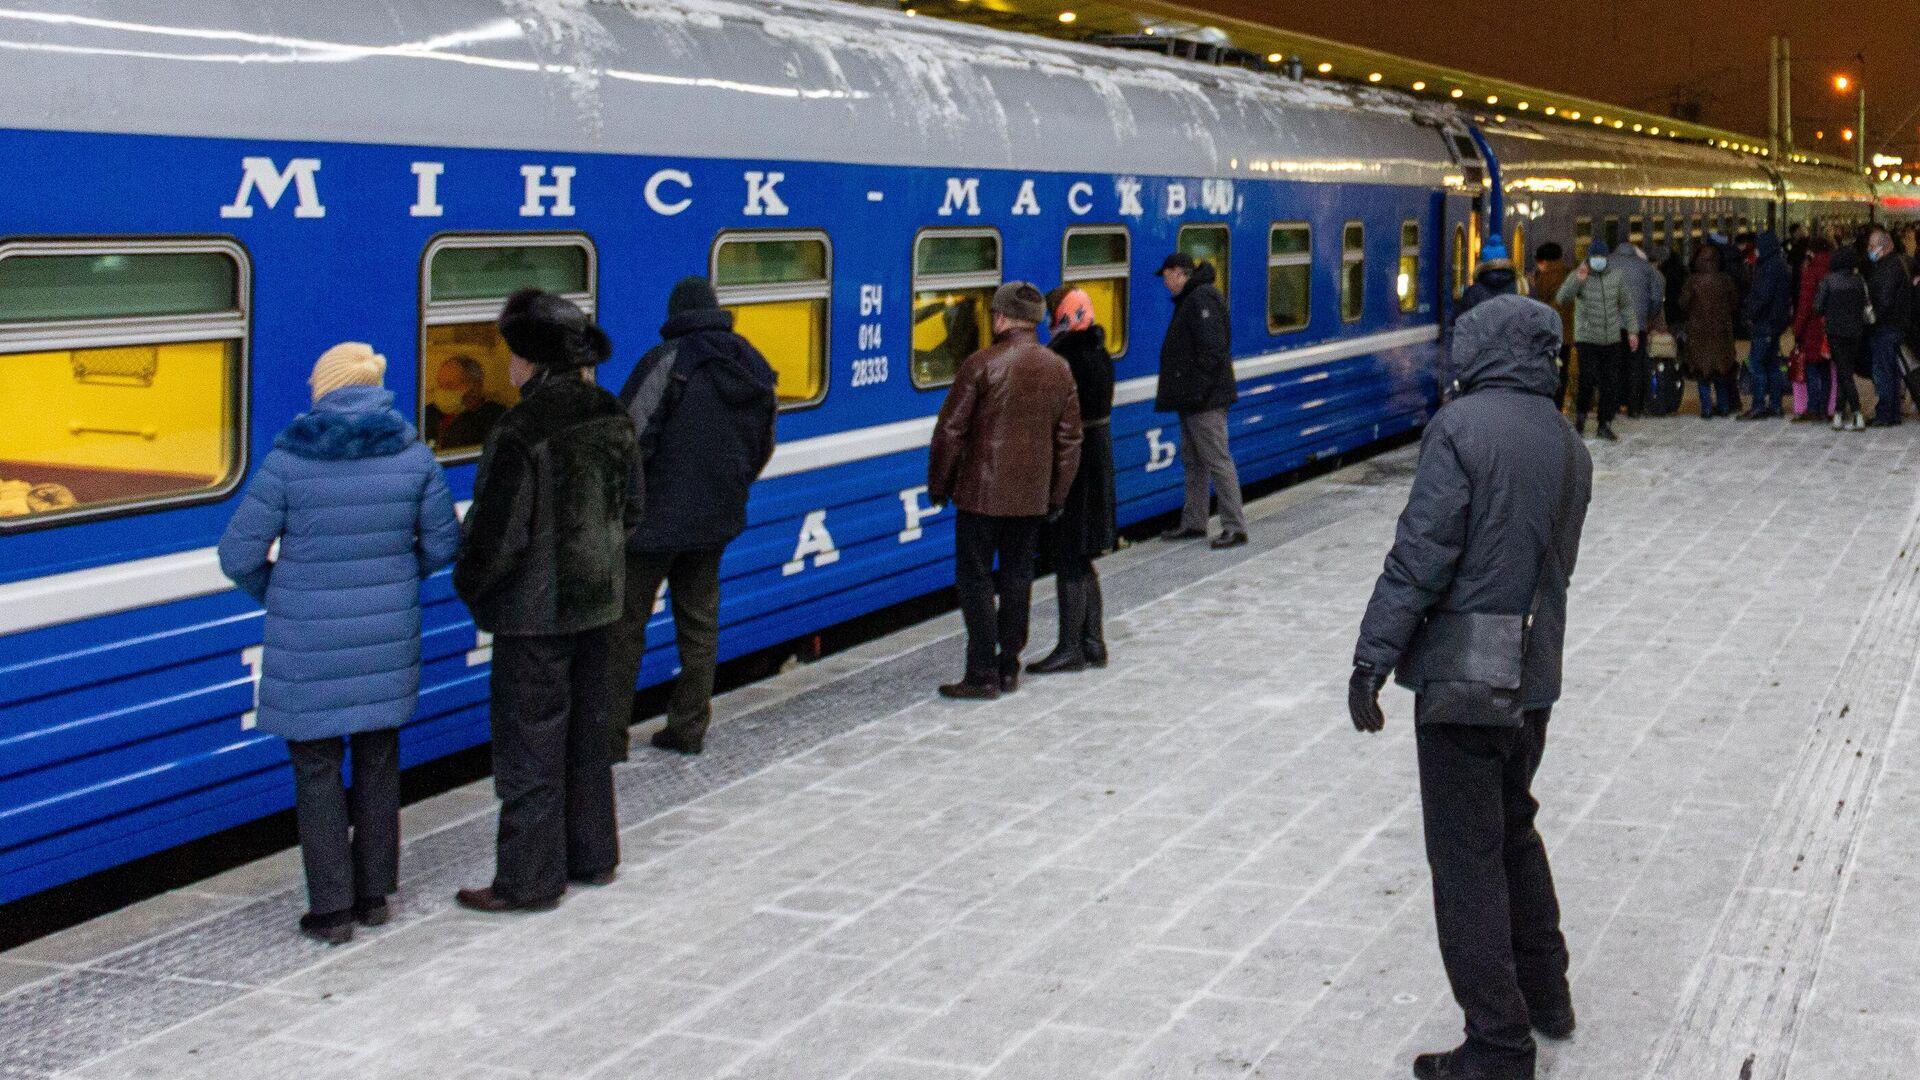 Поезд Минск-Москва на железнодорожном вокзале в Минске - РИА Новости, 1920, 19.02.2021